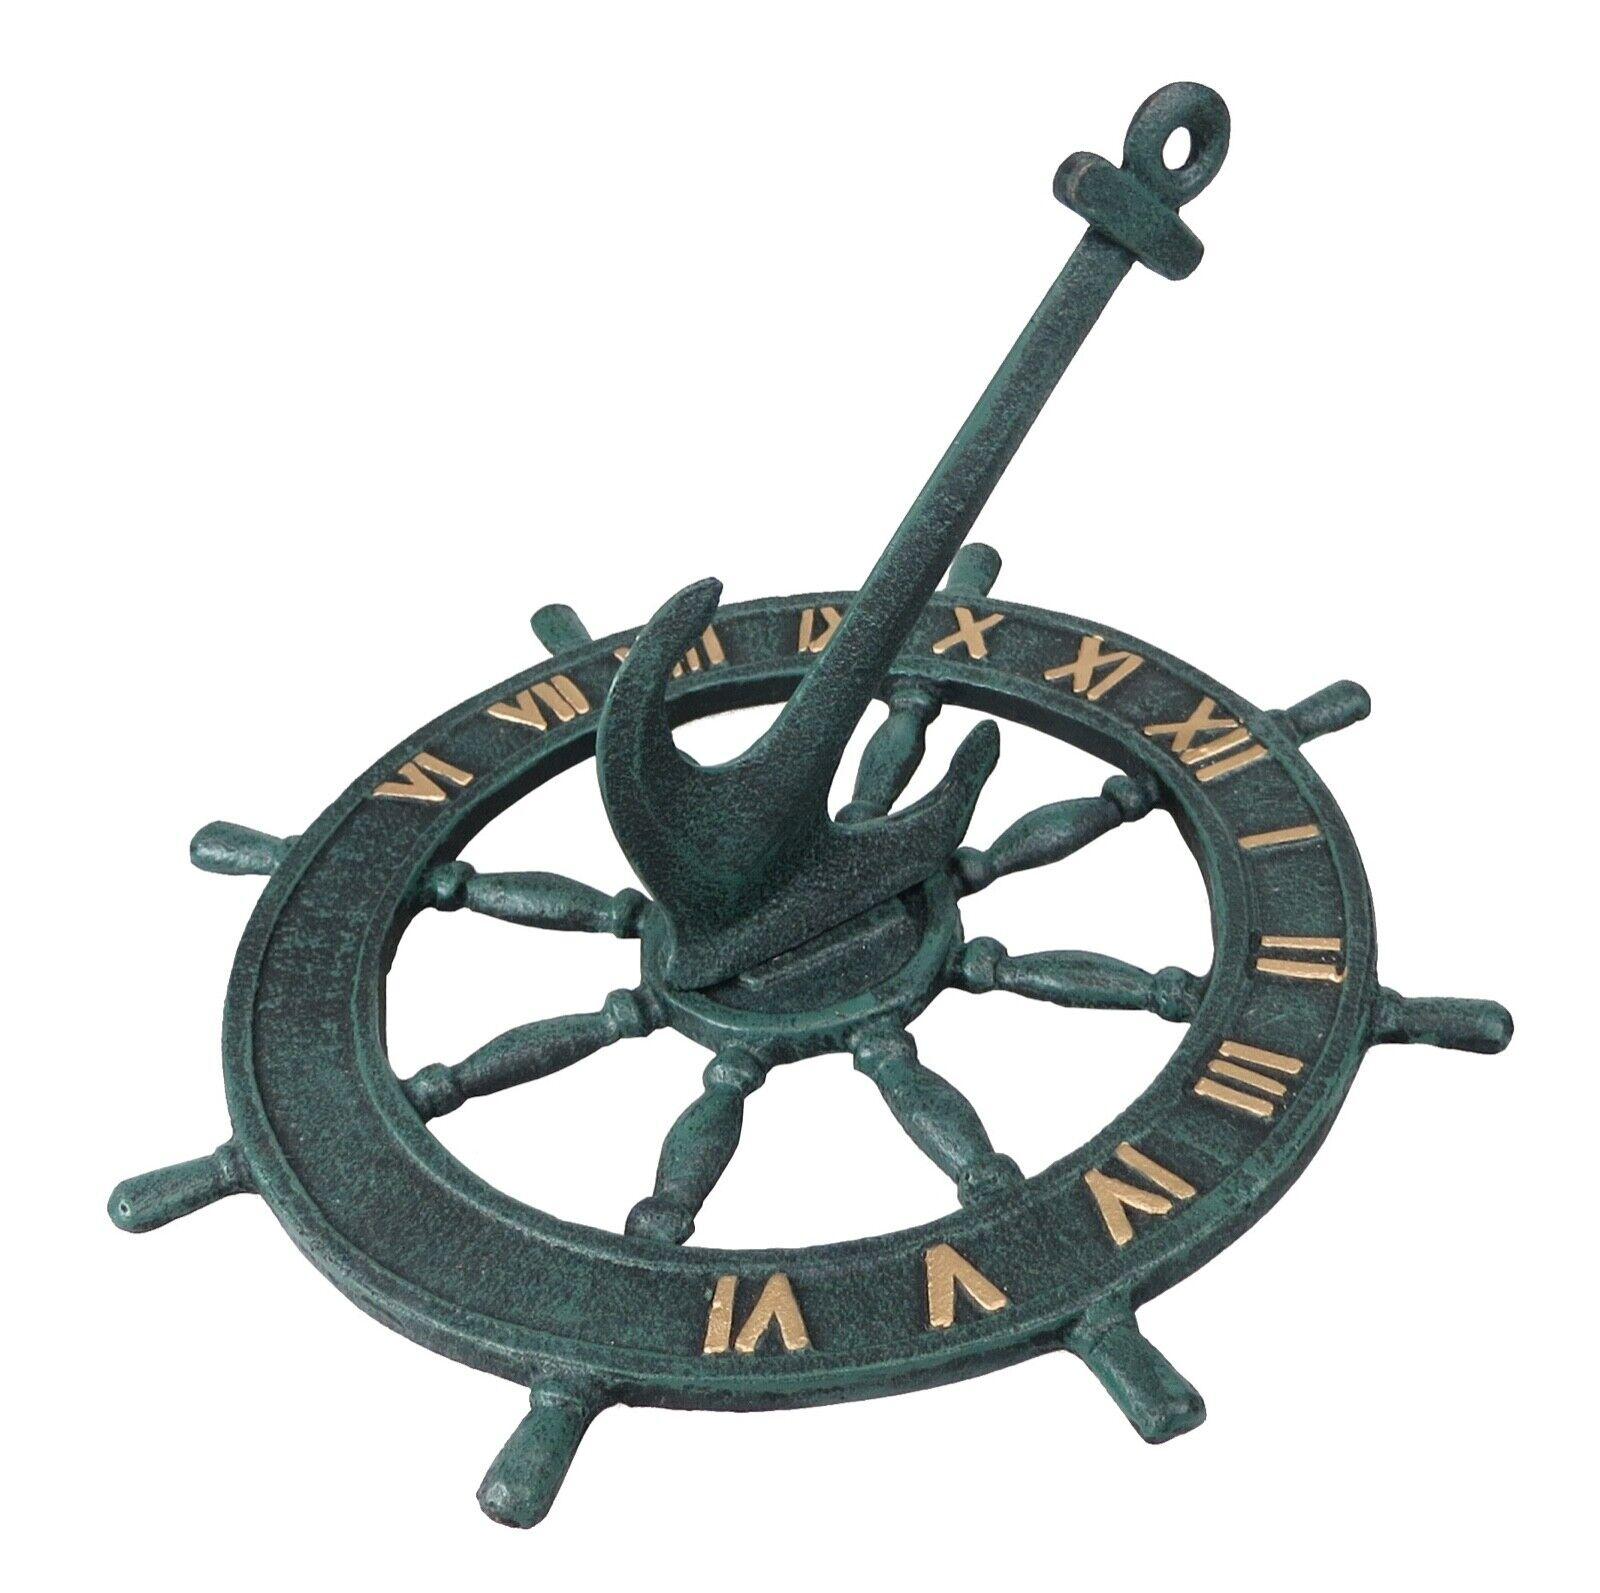 Nautical Sundial Ships Wheel with Anchor Garden Decor Outdoor 24x24 cm, 1 Kg